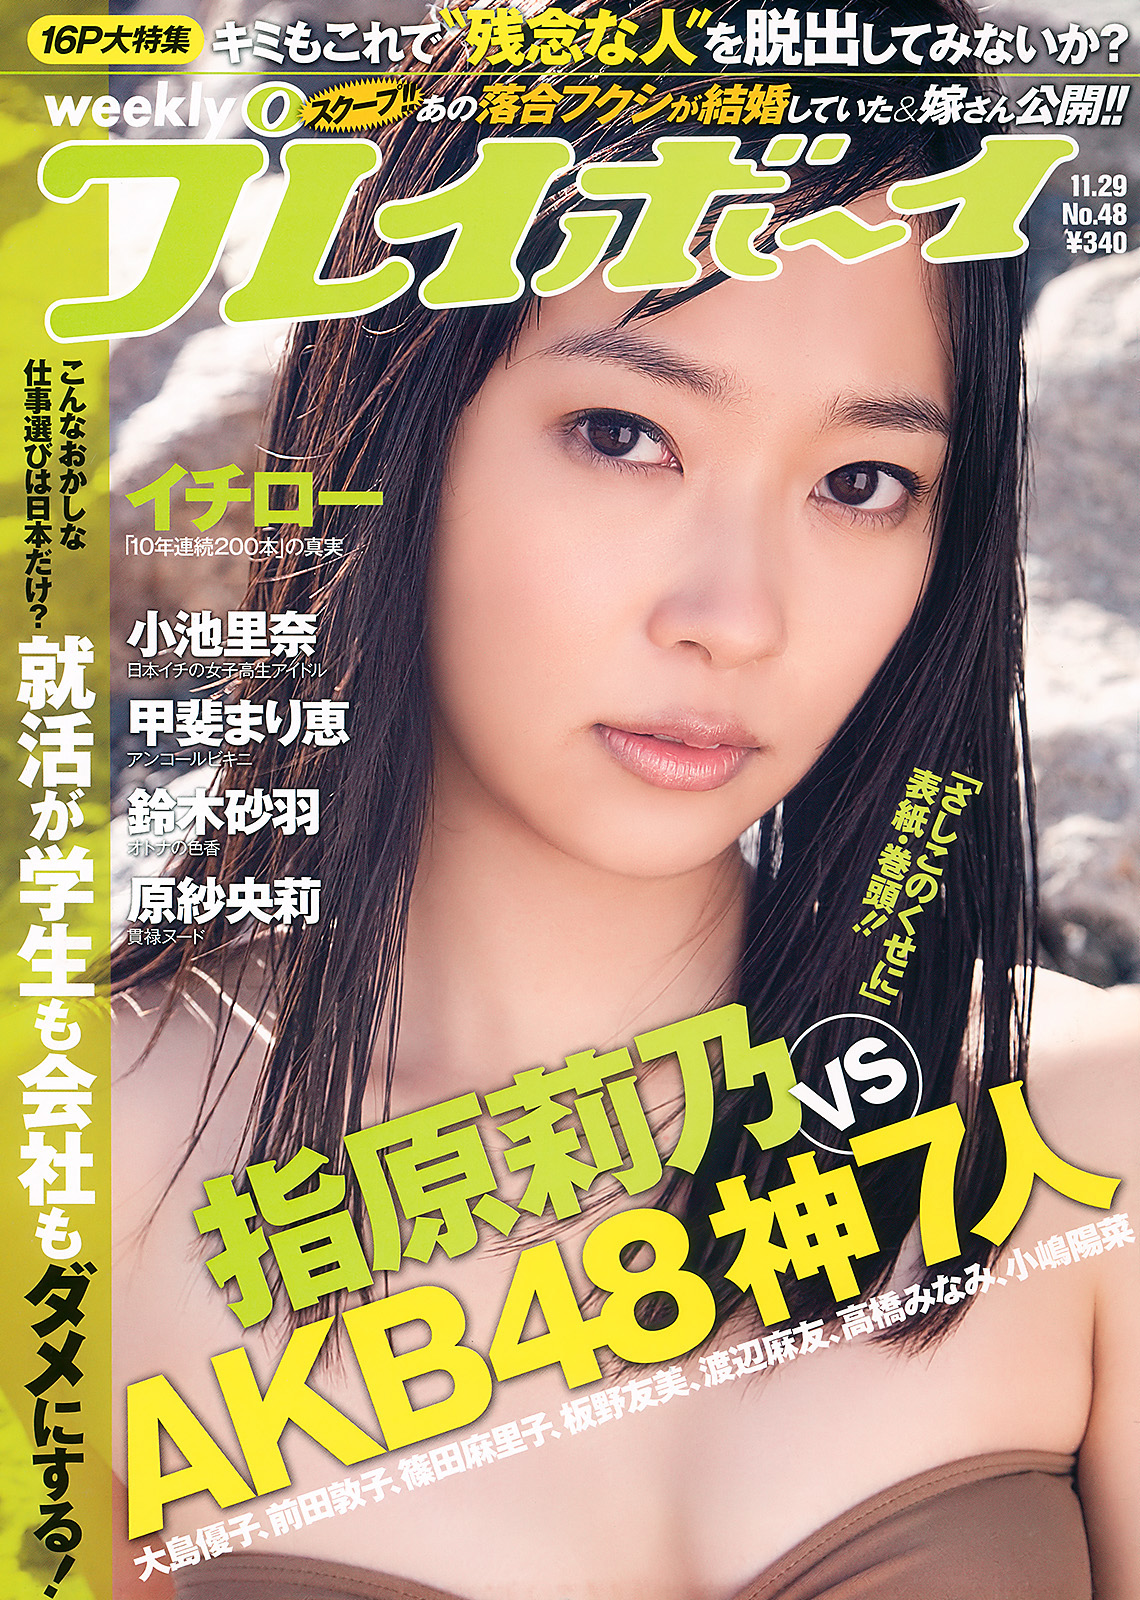 Weekly Playboy - 29 November 2010 (N° 48) weekly 08110